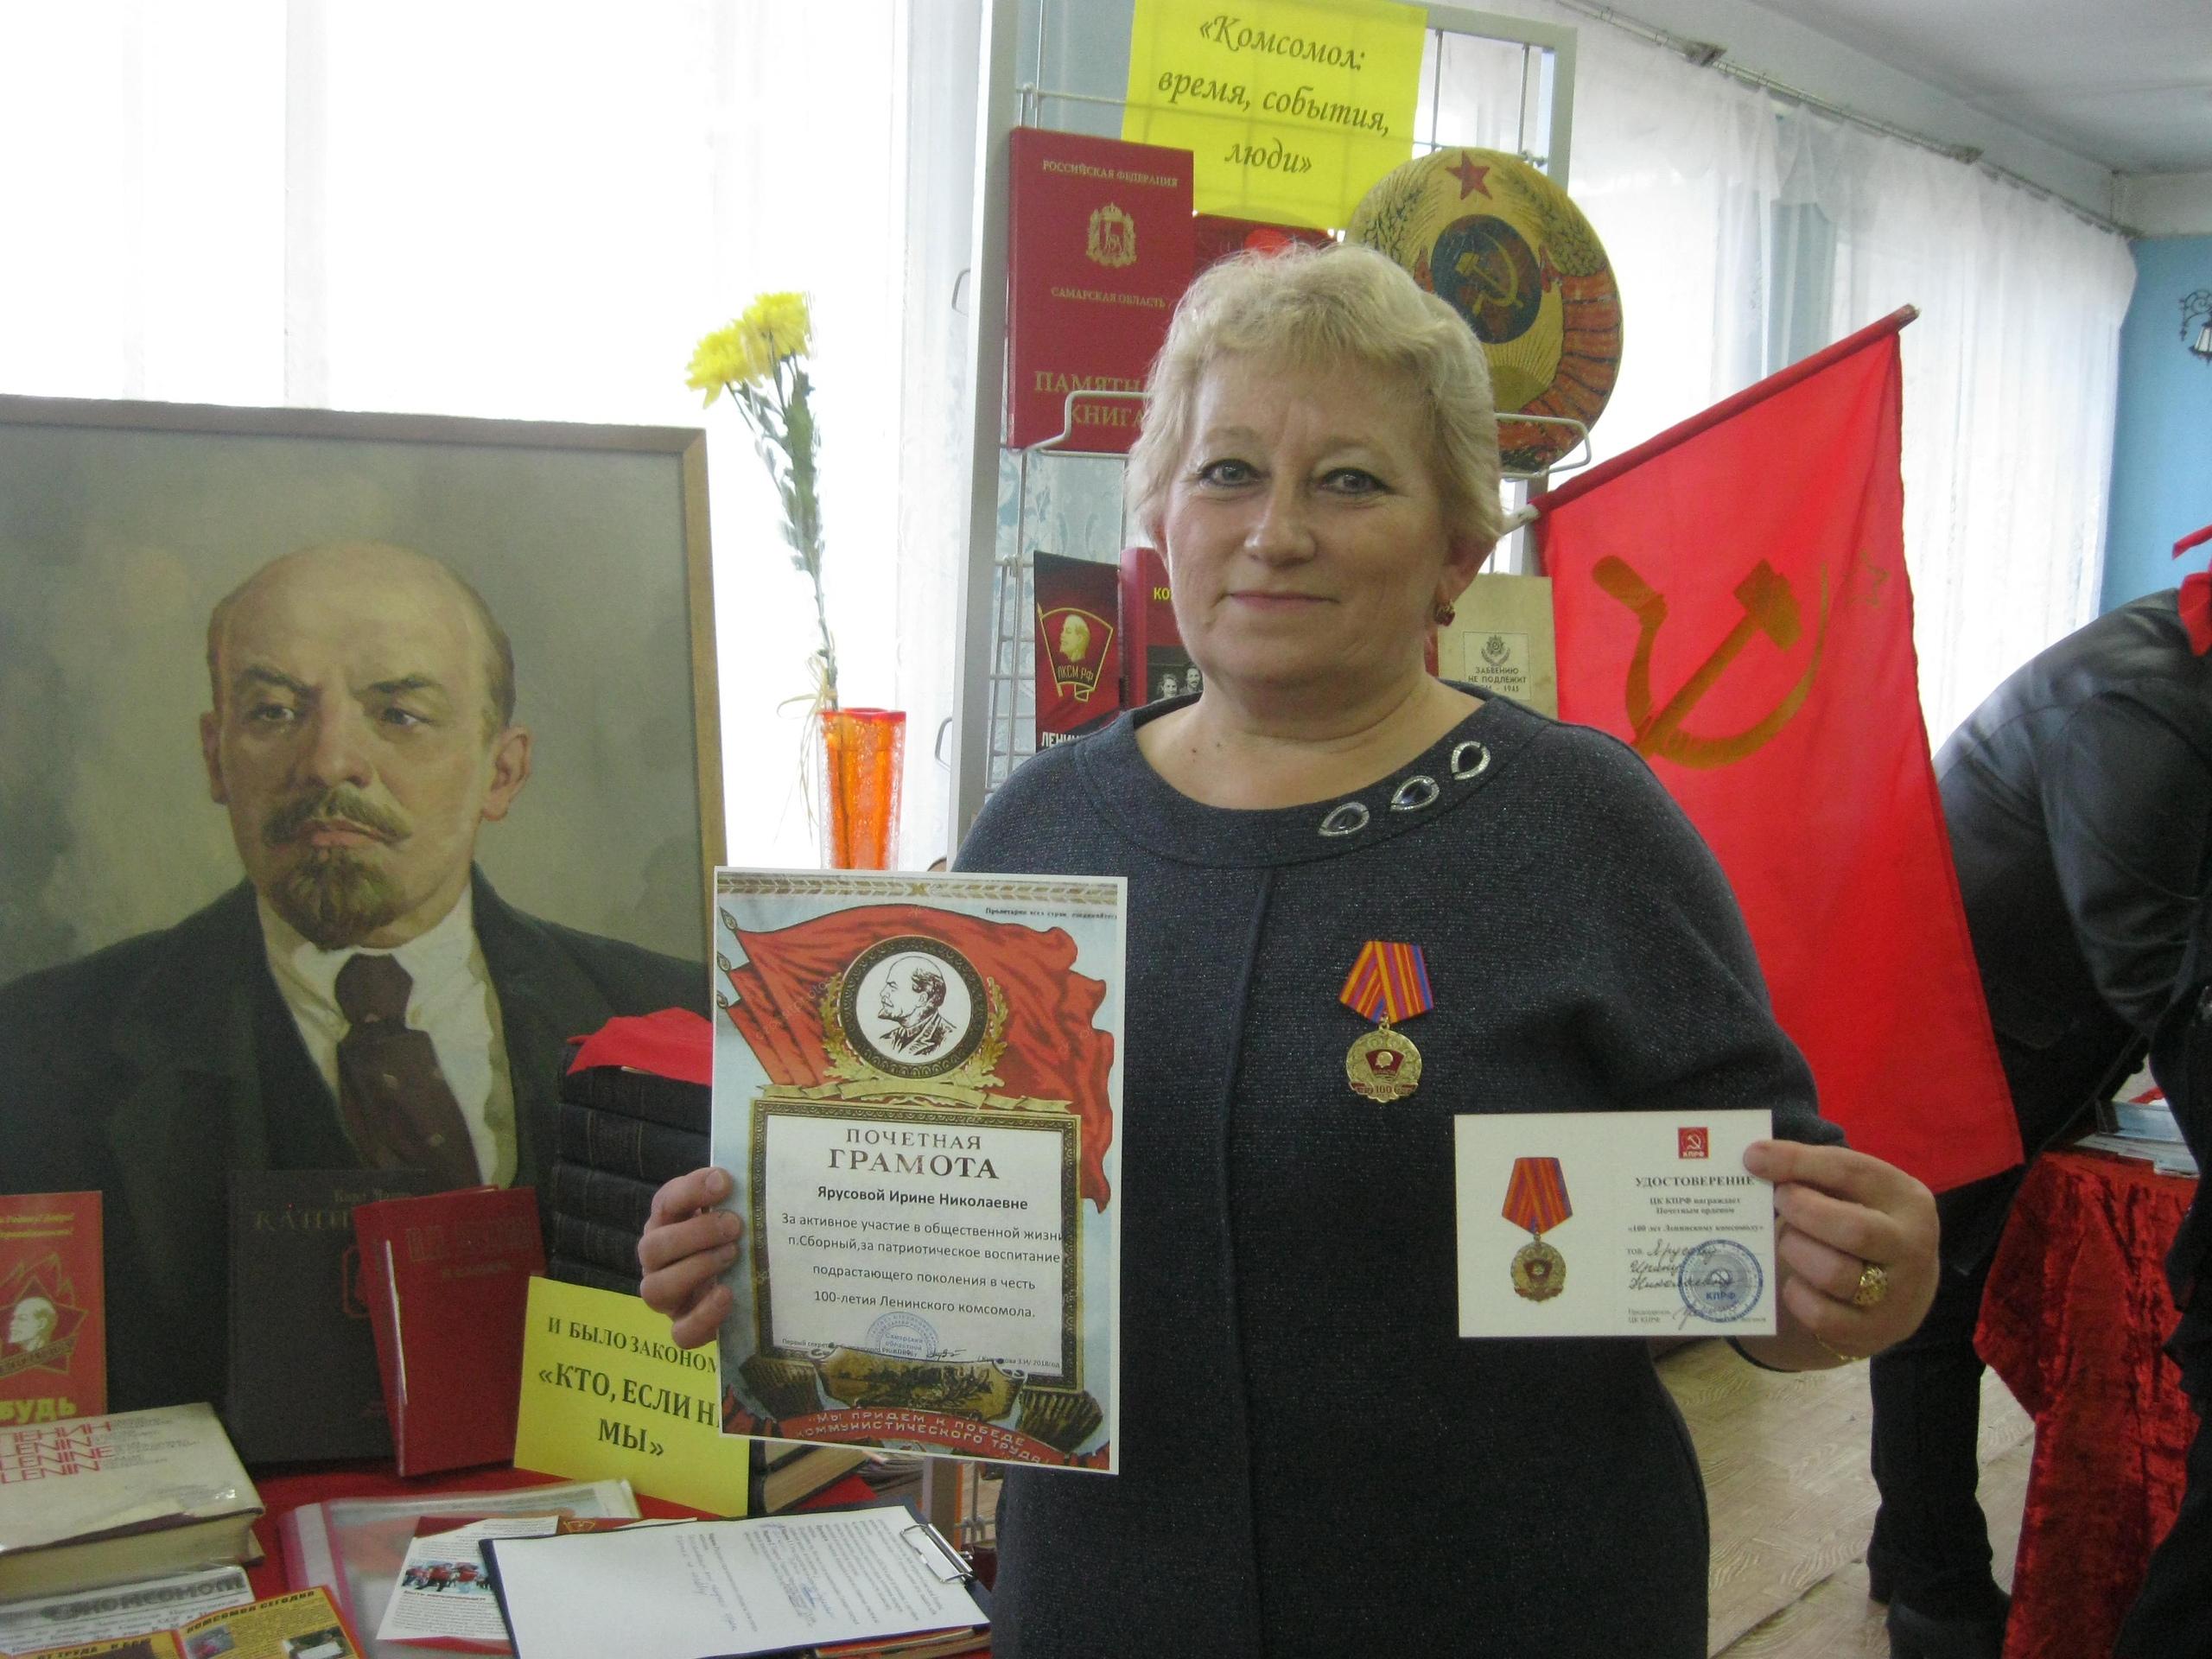 Cызранский РК КПРФ 100 лет комсомолу